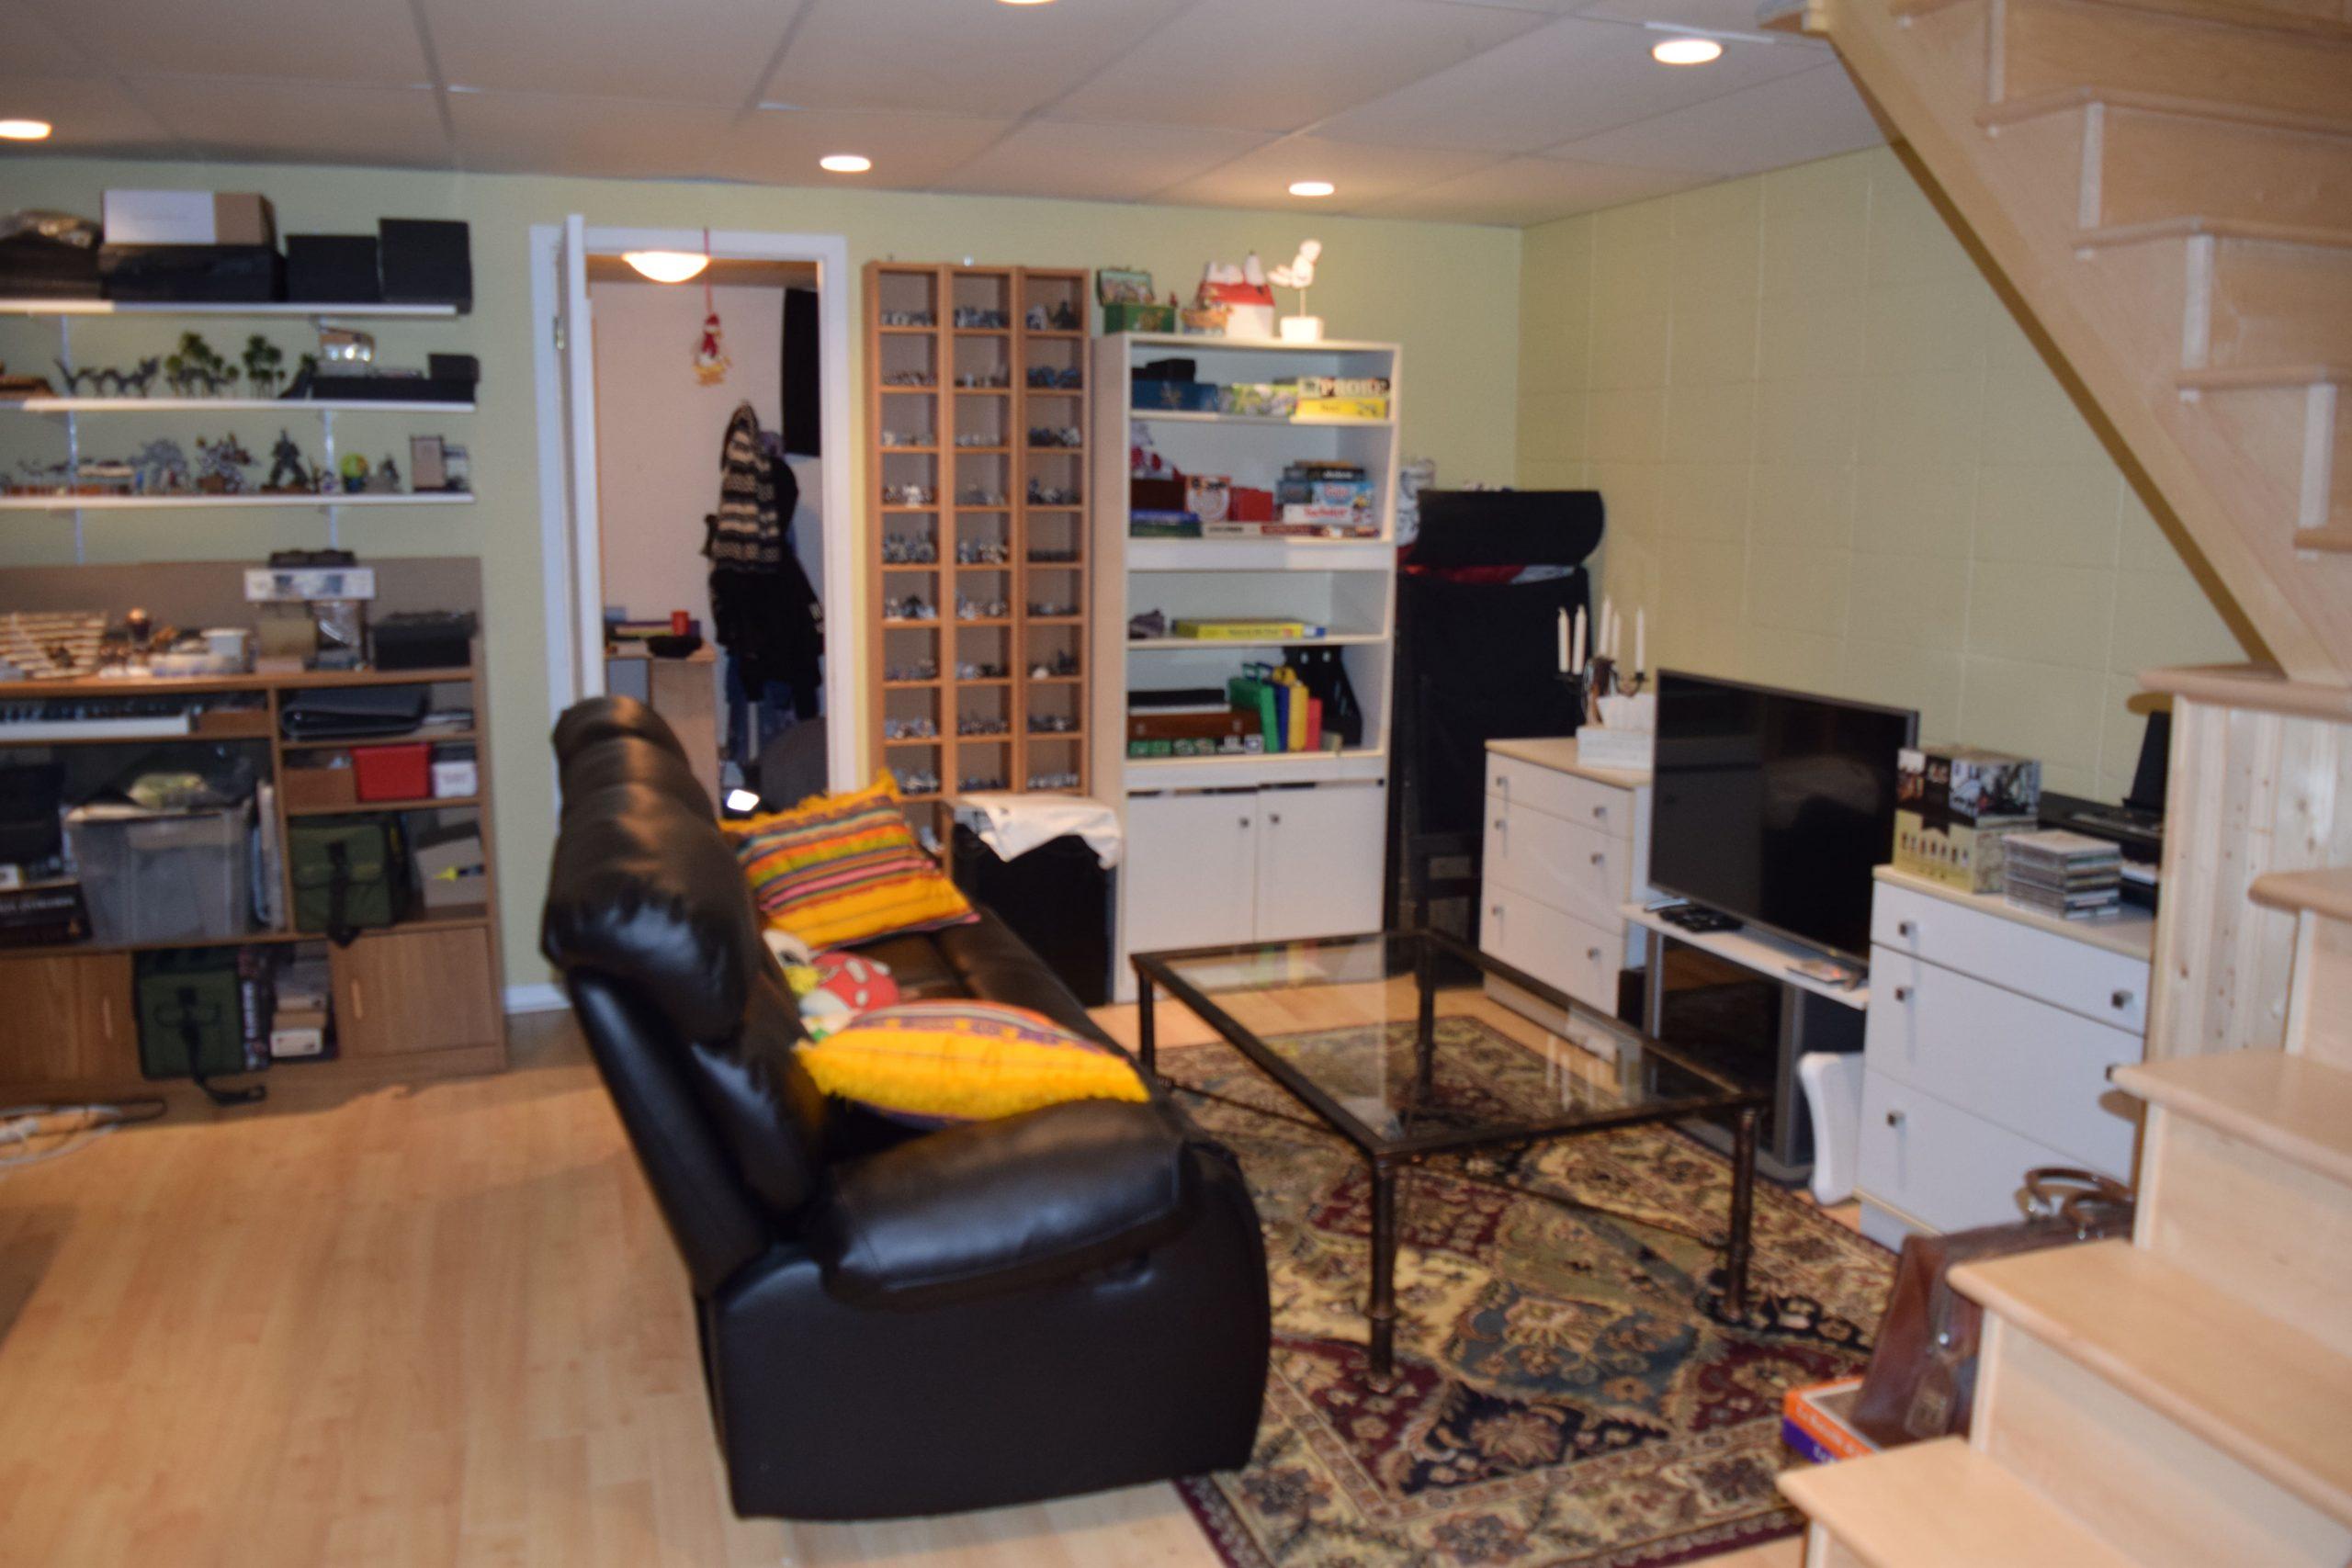 Photo 15 : Maison à Ste-Foy, libre pour Juillet, petit Chien toléré, Chauffage + Eau chaude + Stationnement inclus